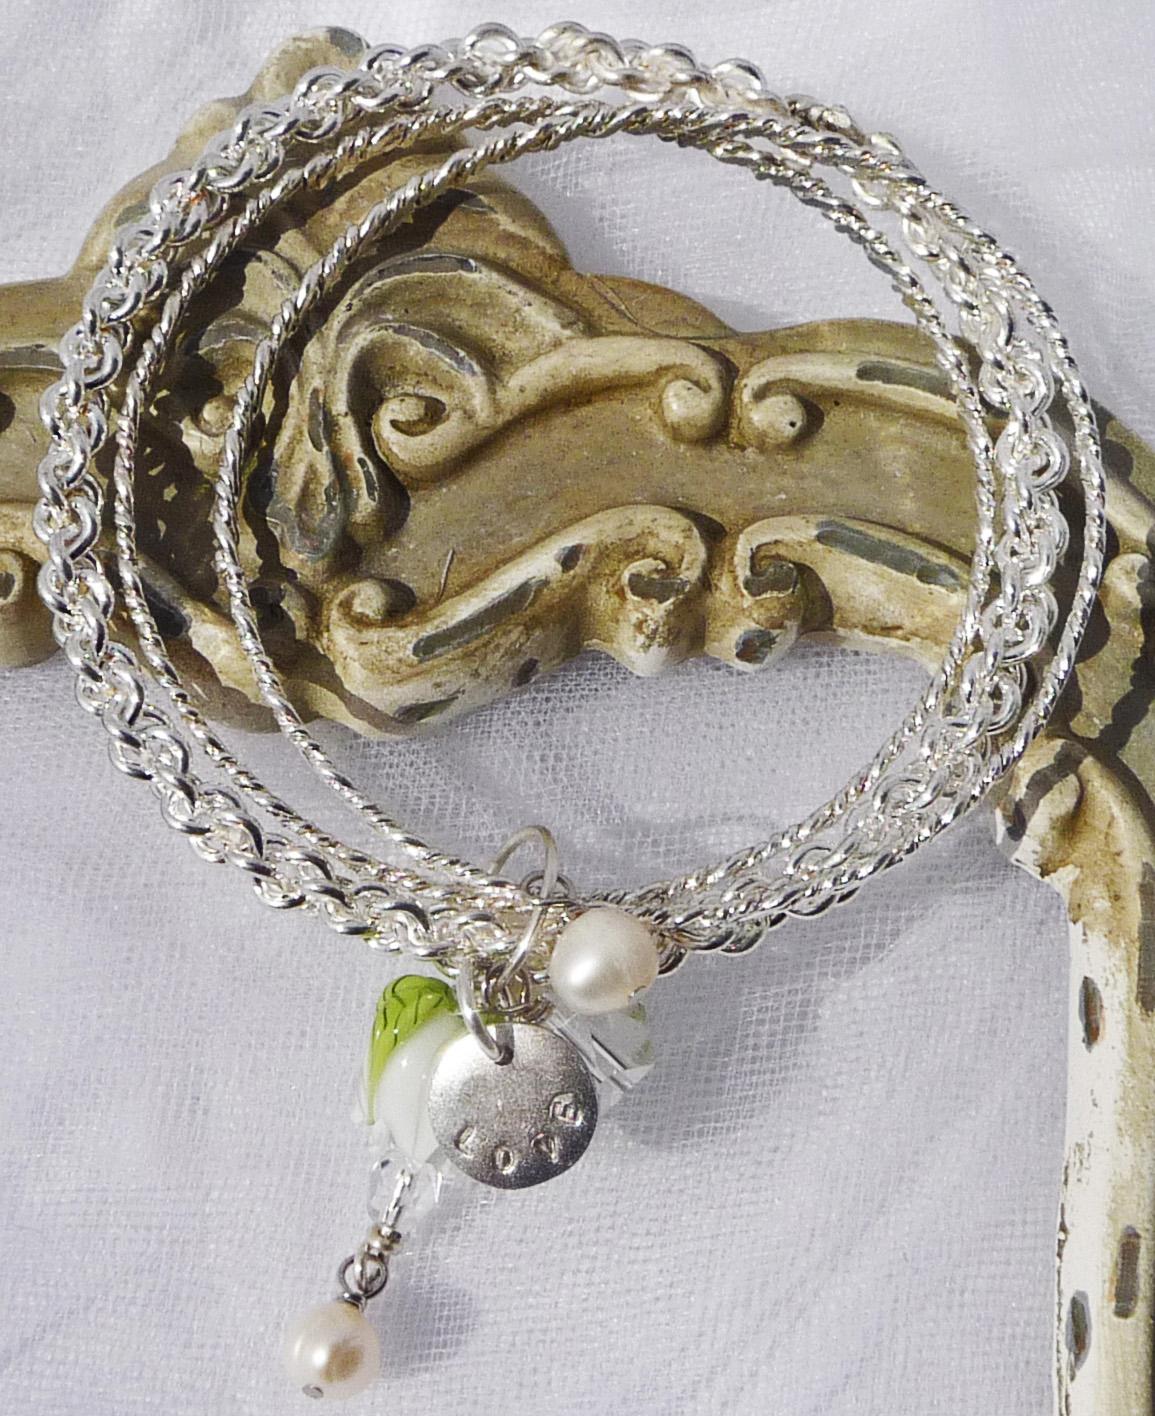 Love in White a Charmer Bangle by Sabrina Koebel of SabrinaDesign.com